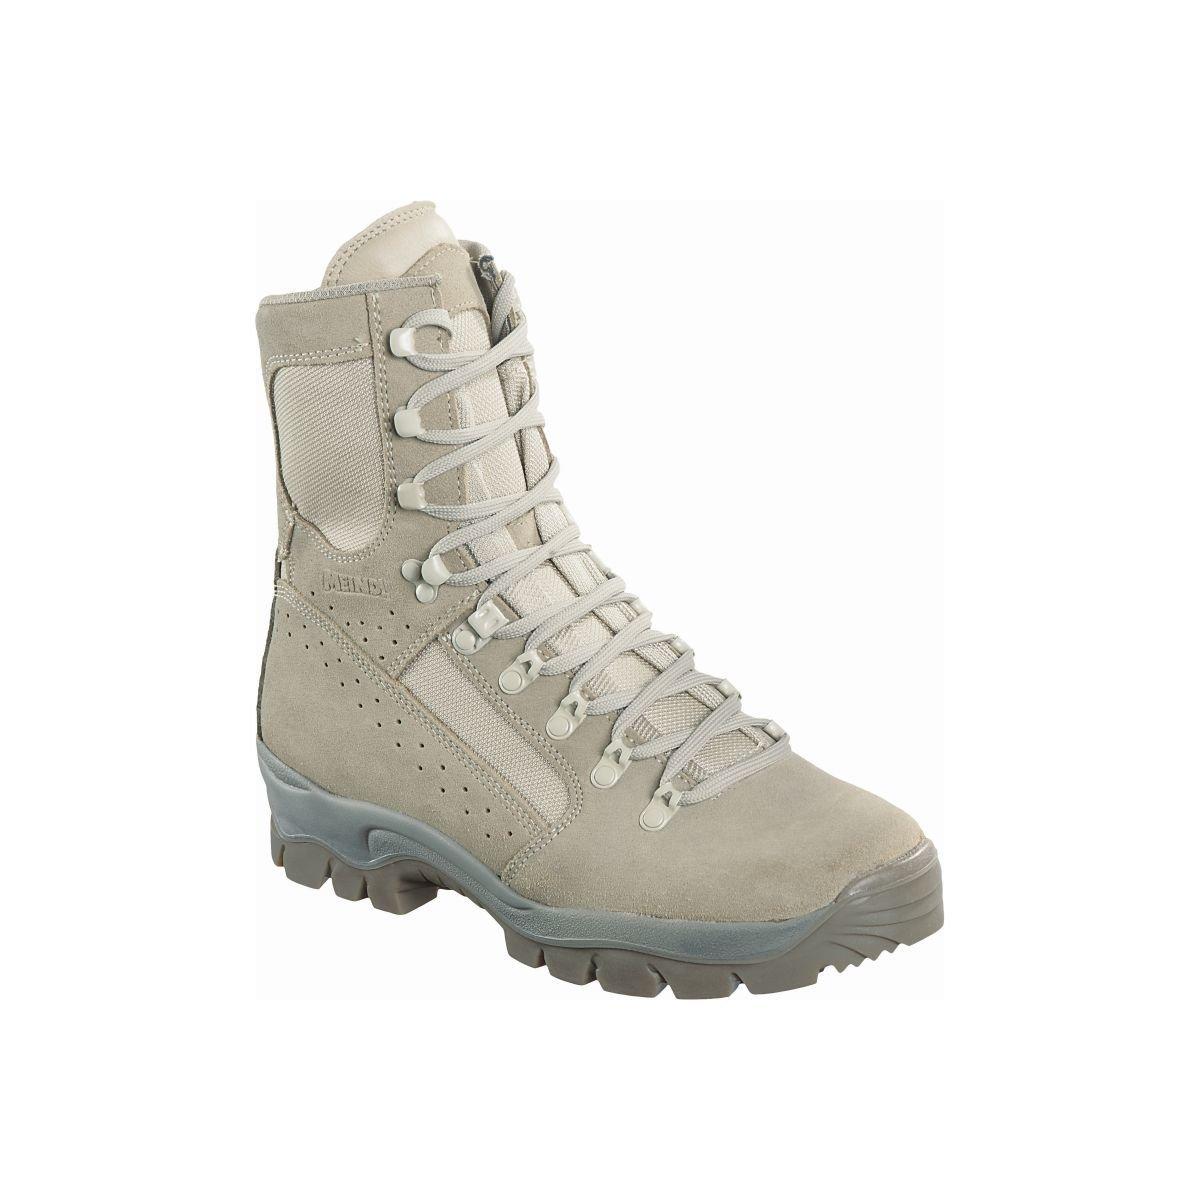 grote verscheidenheid aan modellen 100% authentiek mode stijlen Meindl Men's Desert Fox Boots